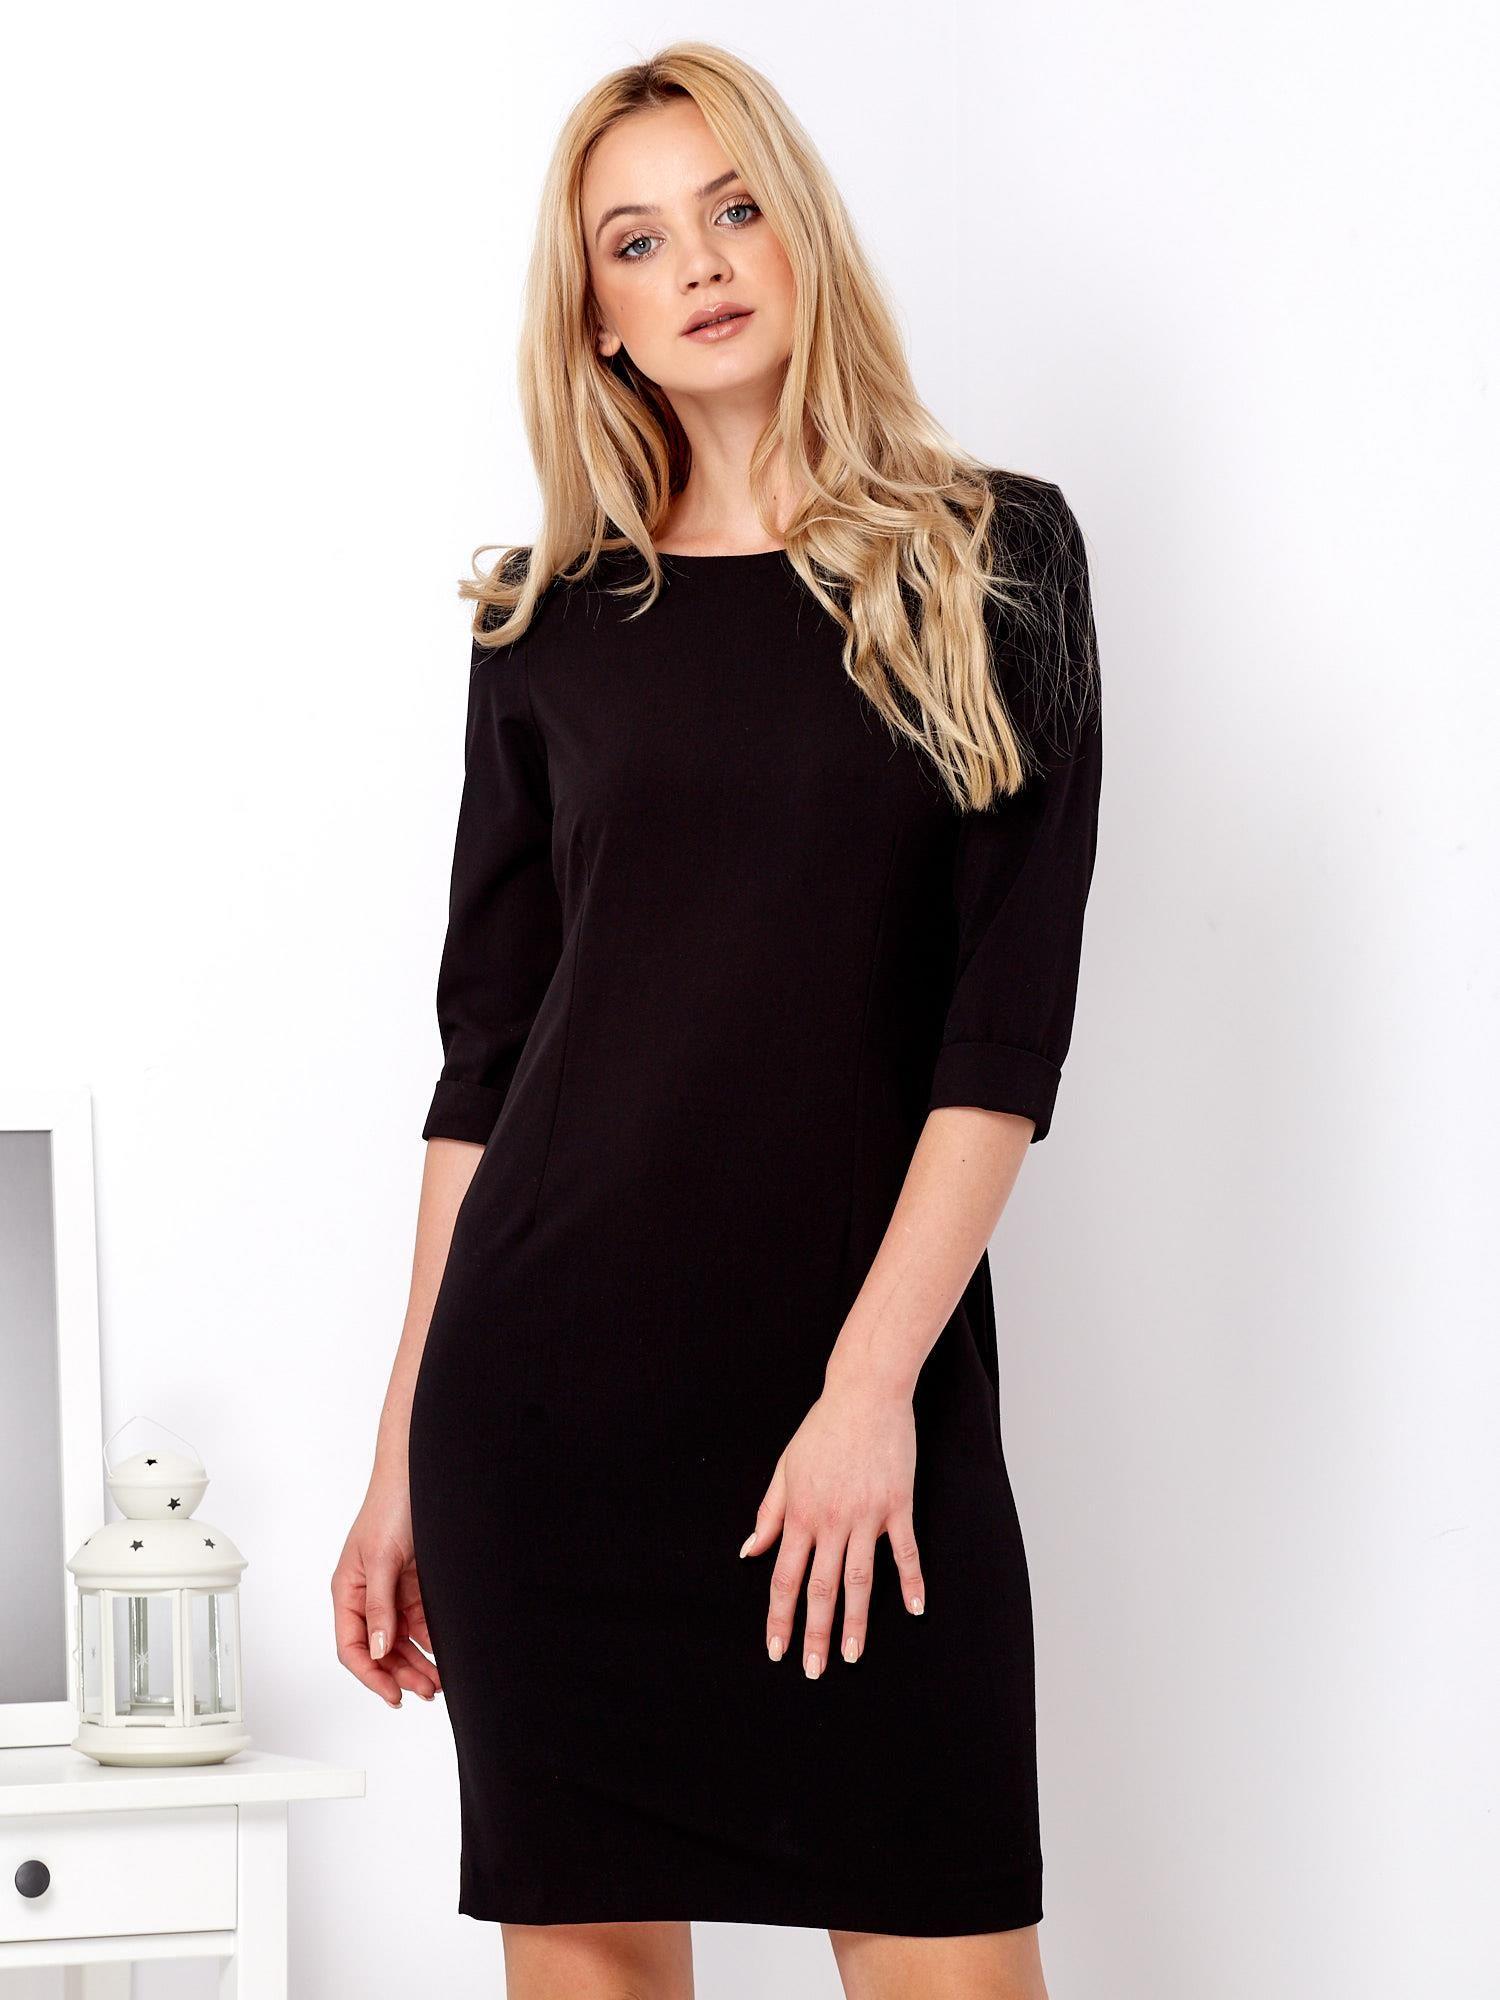 a9fd7c49e2f1ad Czarna prosta sukienka z podwijanymi rękawami - Sukienka koktajlowa ...